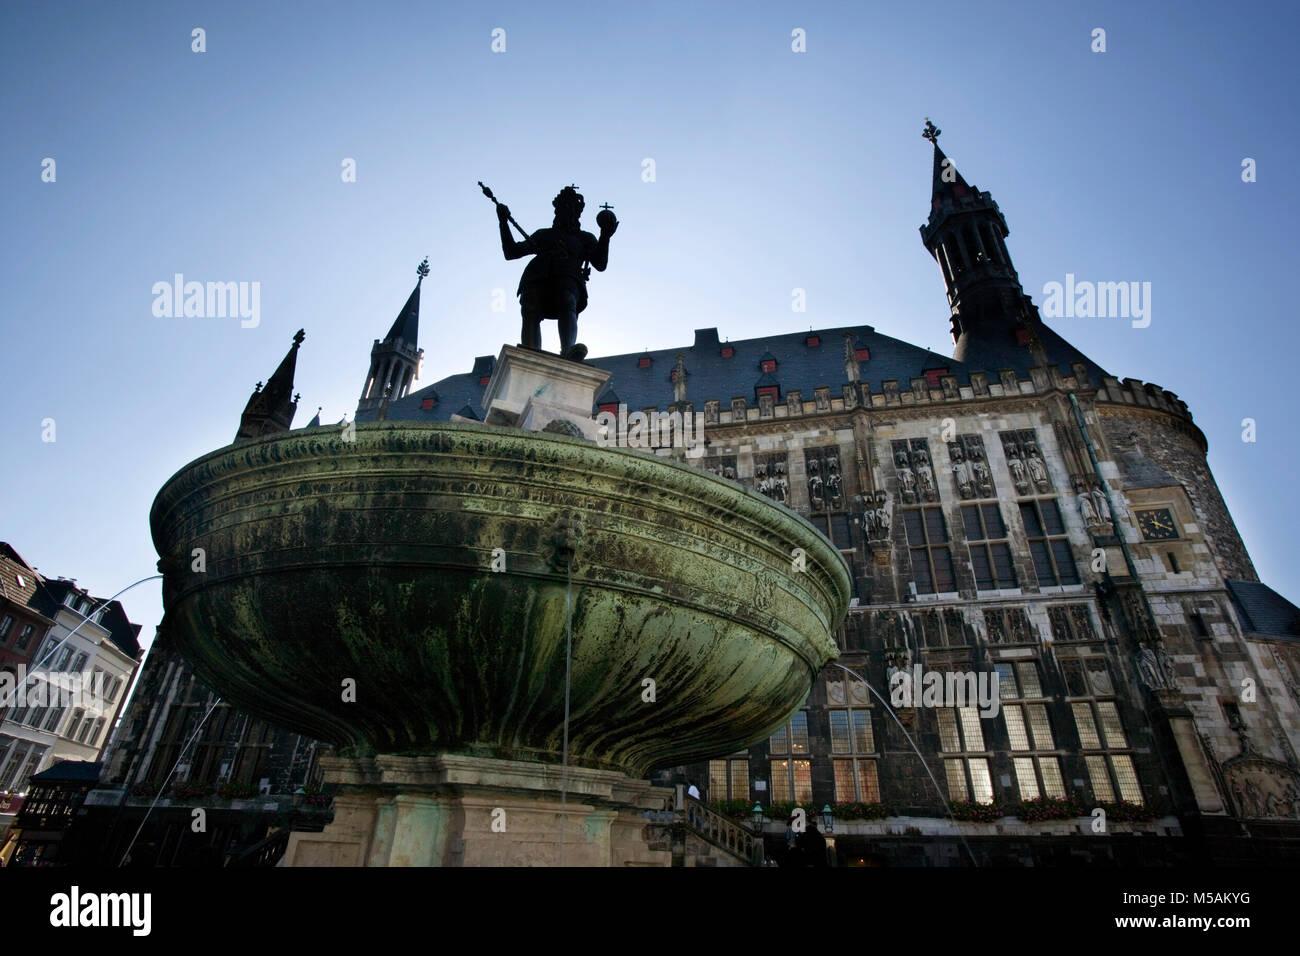 Aachen City Hall, Karl dem Großen Springbrunnen, Aachen oder Aix-la-Chapelle, Nordrhein-Westfalen, Deutschland Stockbild